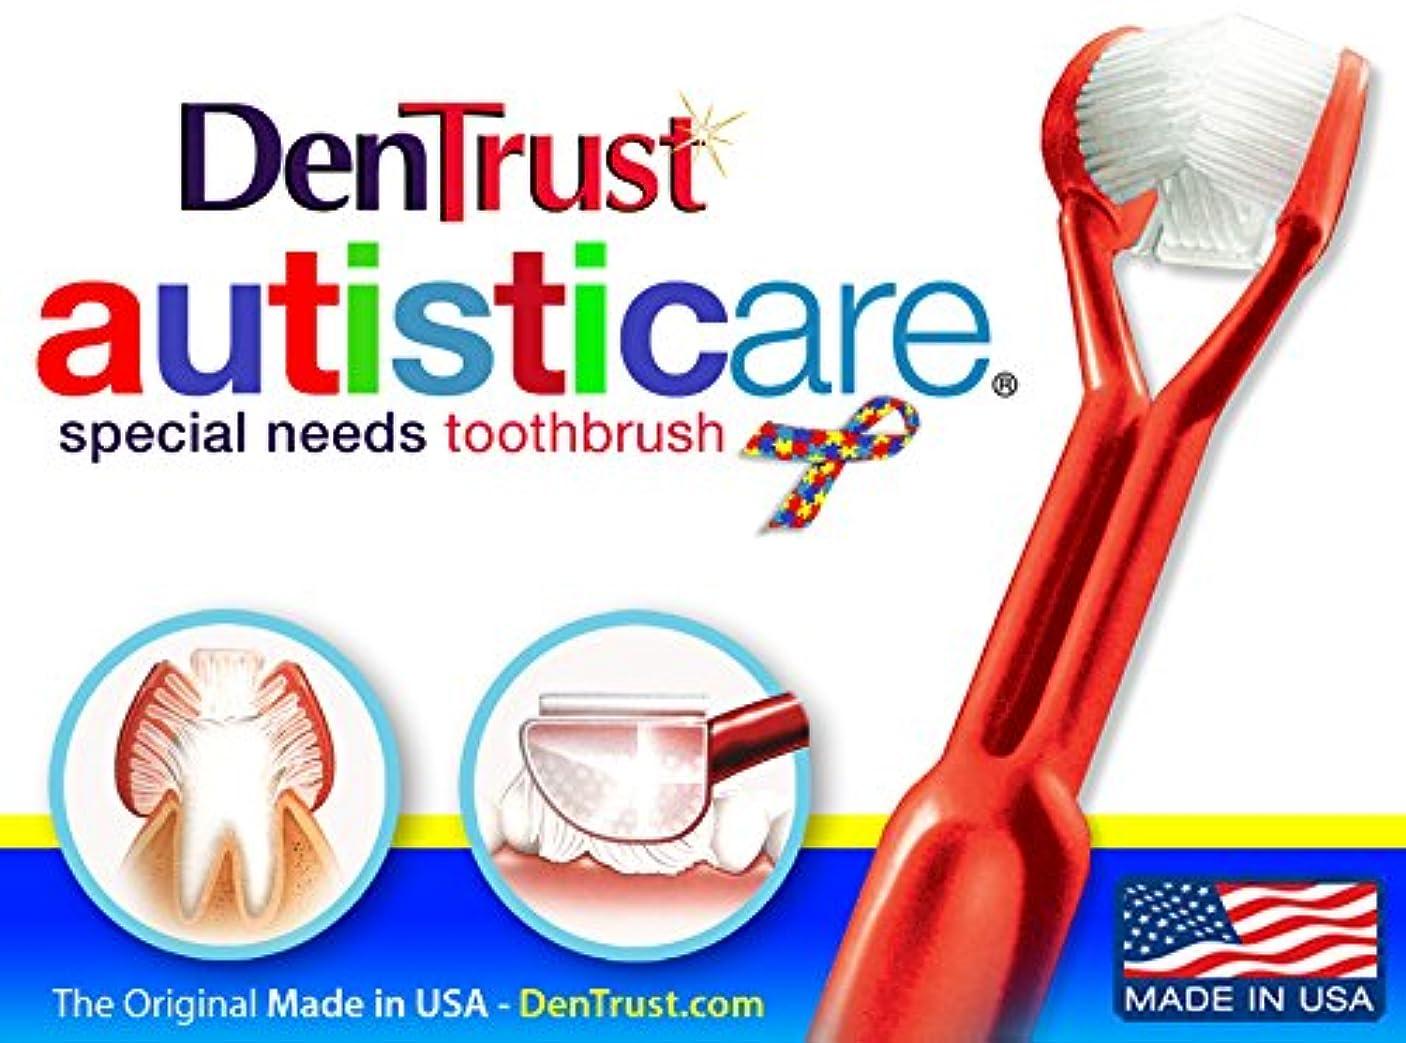 代表しなやか愛国的な子供?介護用に便利な3面歯ブラシ/DenTrust 3-Sided Toothbrush :: Specialty Toothbrush